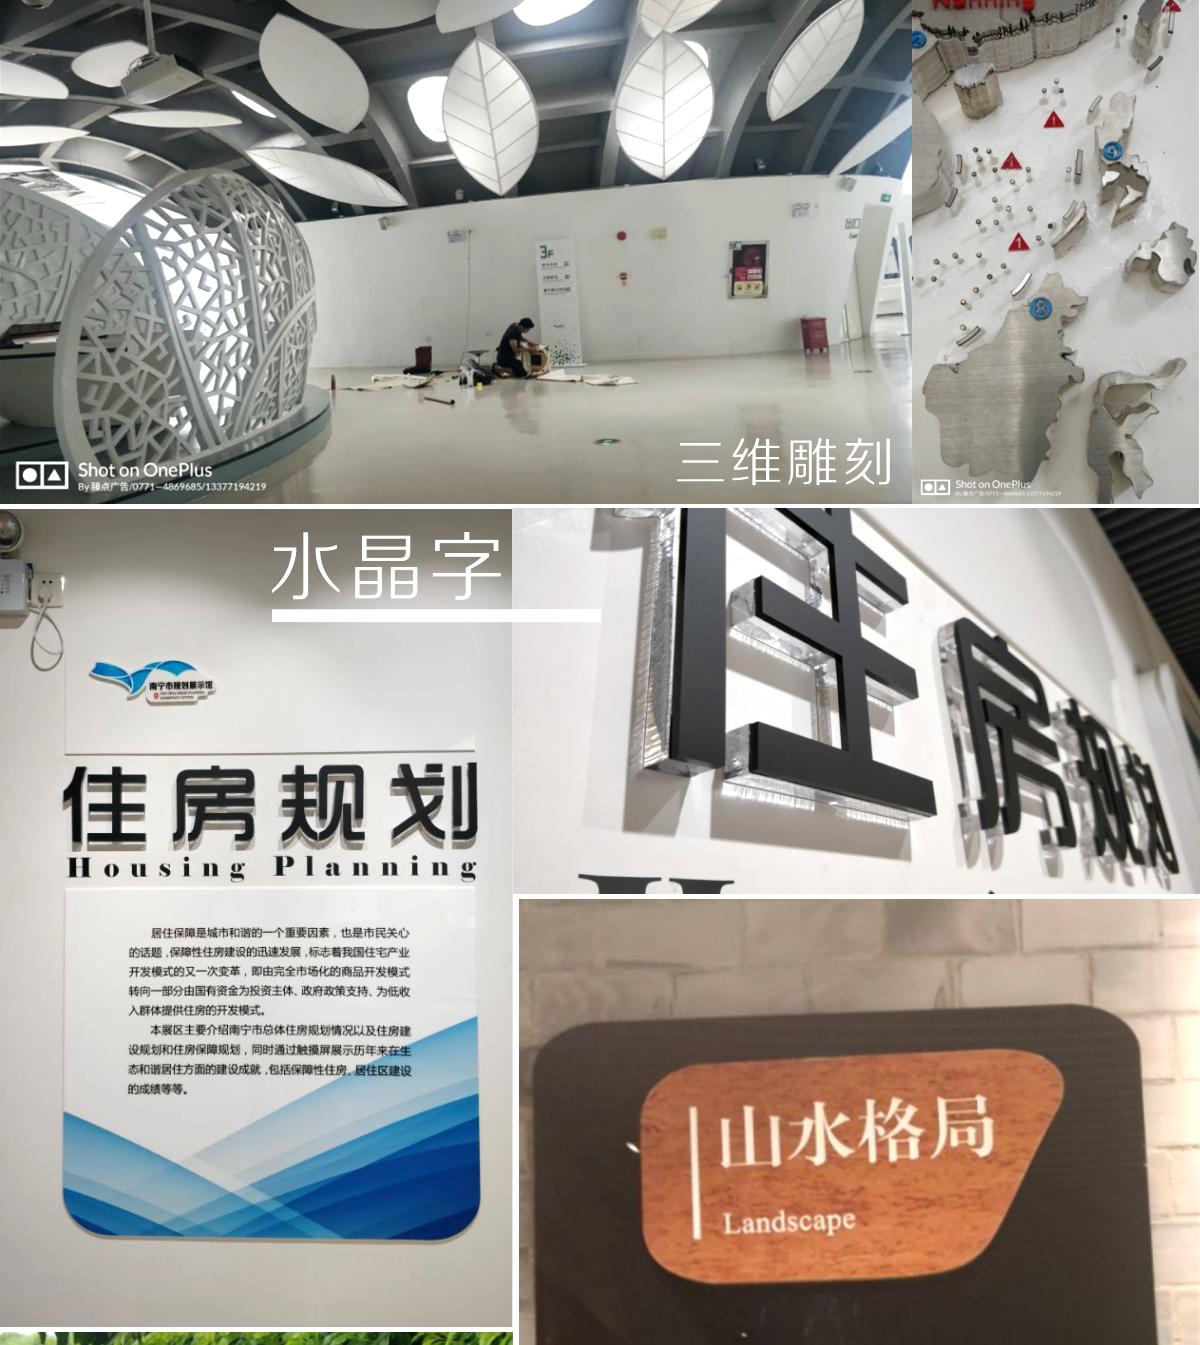 幸福宝app大片南宁规划馆标识灯箱广告_02.png